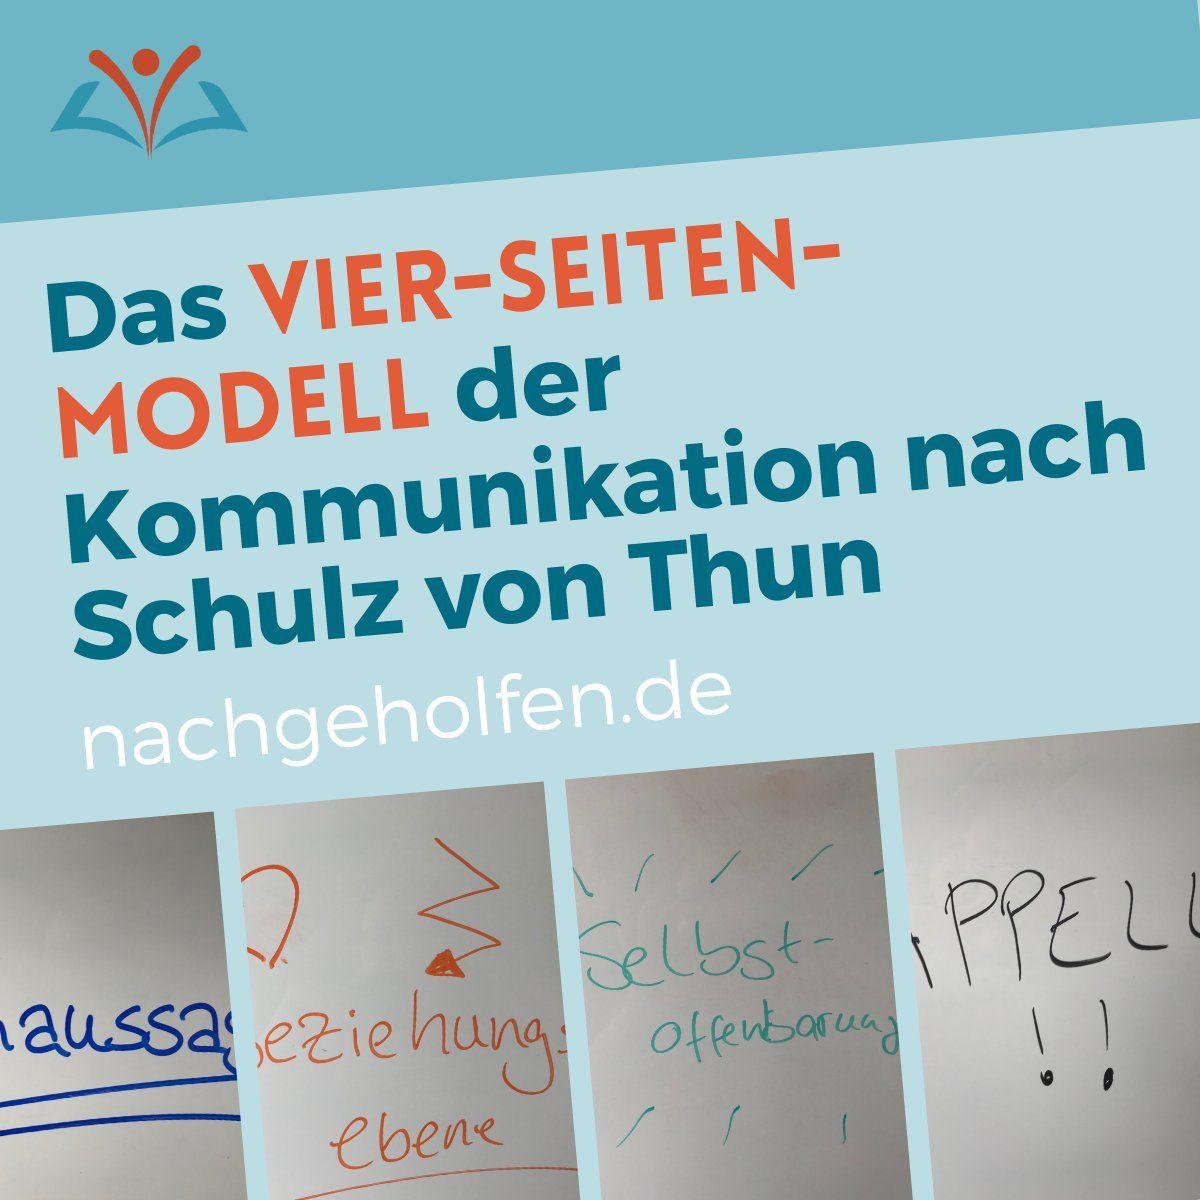 Alles Zum Vier Seiten Modell Von Schulz Von Thun Nachgeholfen De Schulz Von Thun Kommunikation Rhetorik